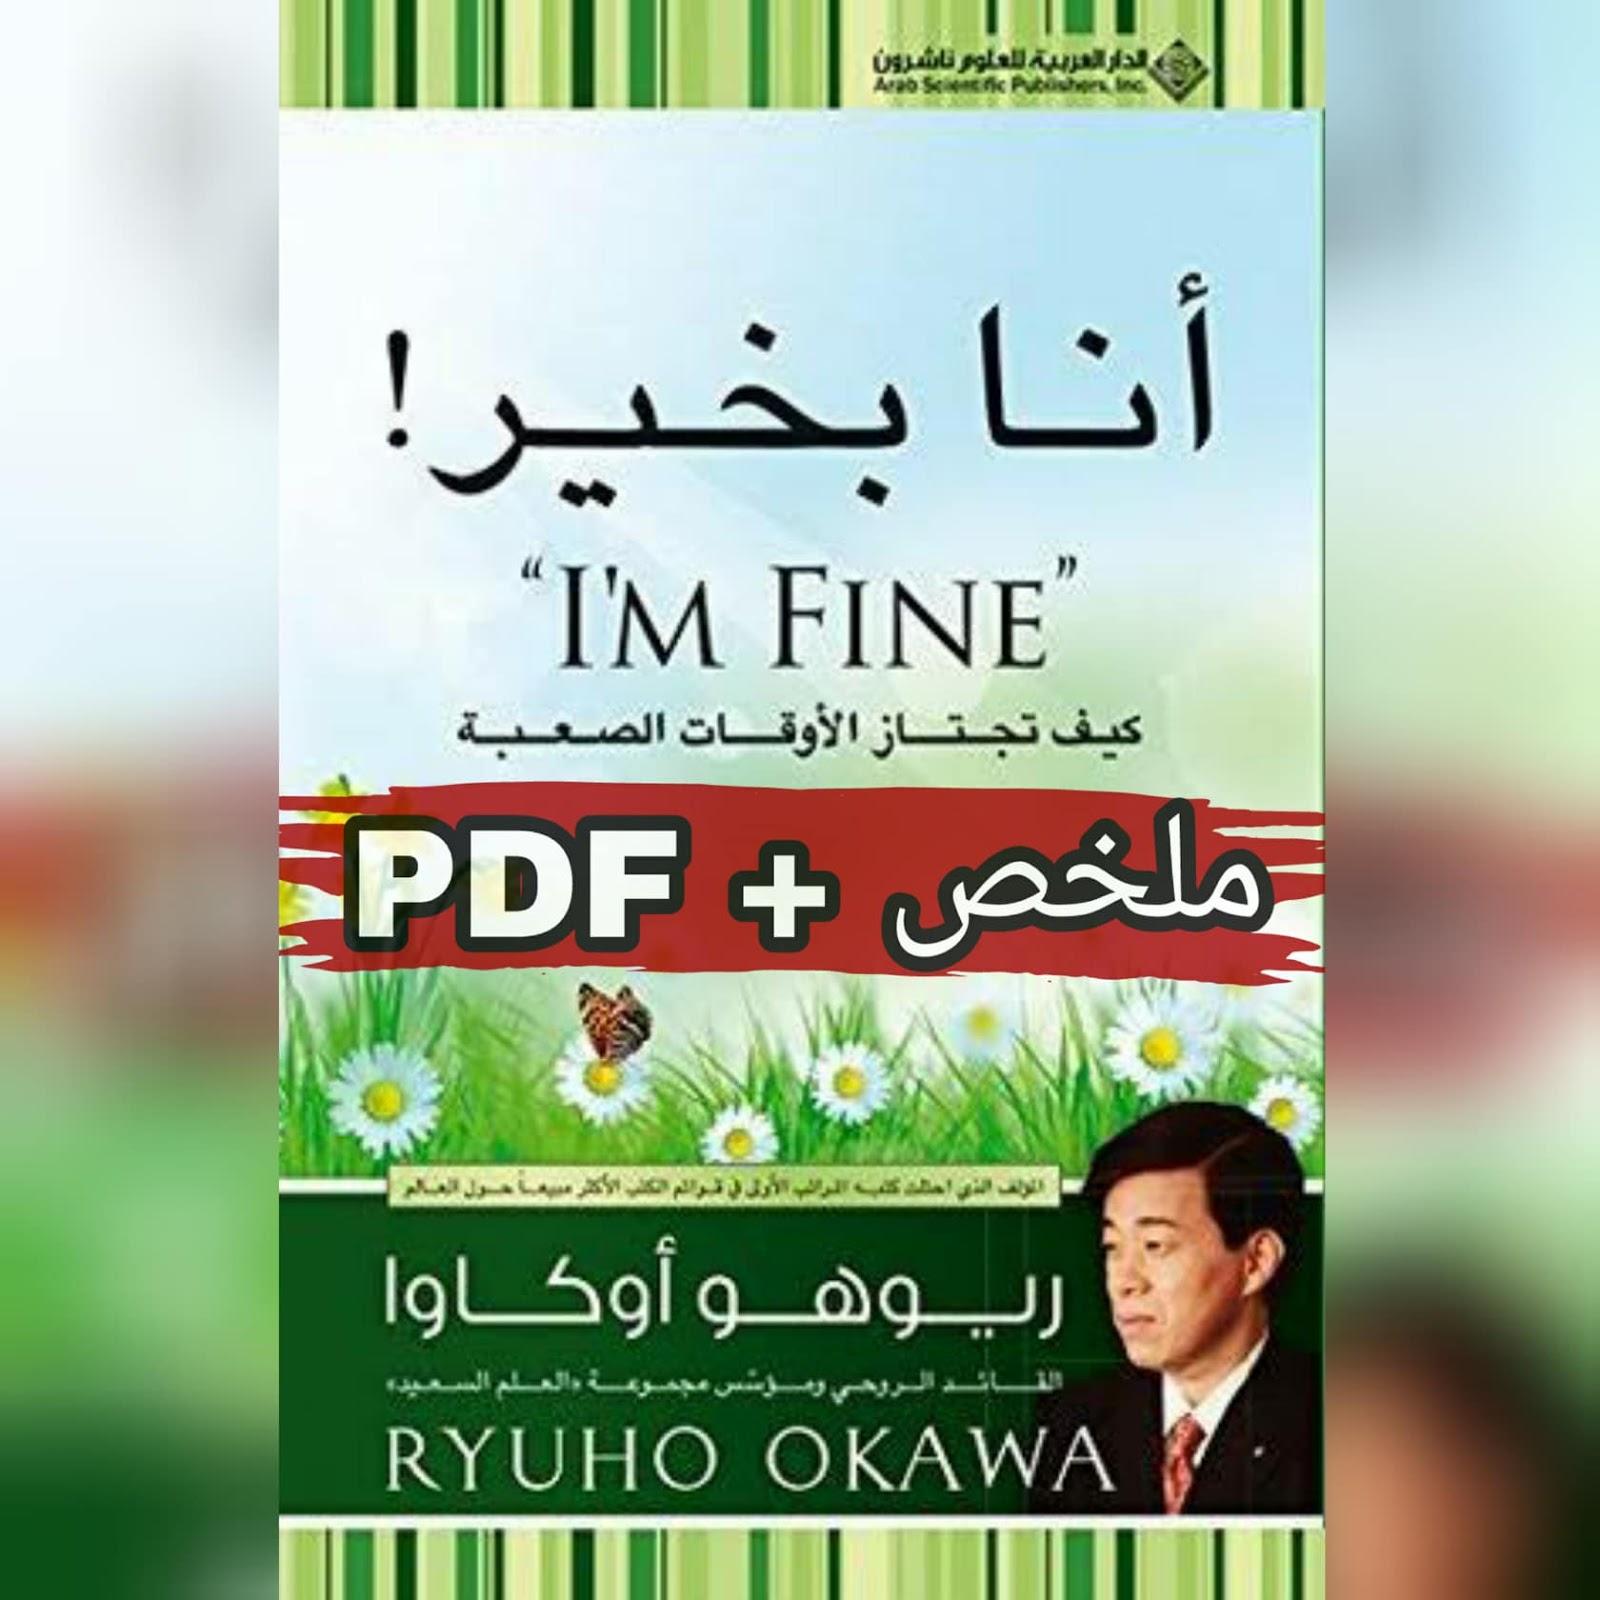 ملخص + PDF : كتاب أنا بخير | ريوهو أوكاوا